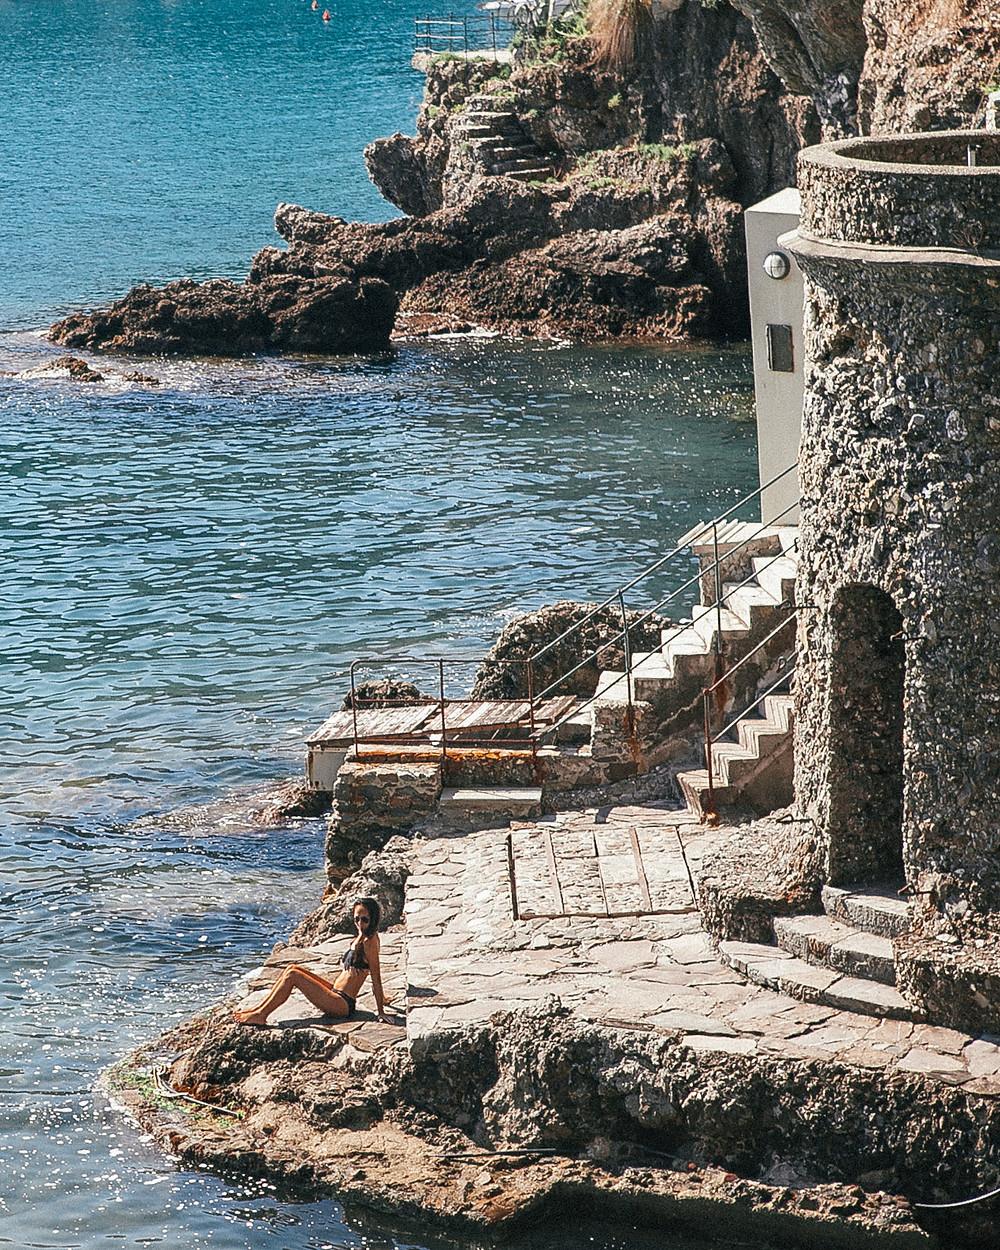 Cannone Bay, Portofino, Italy